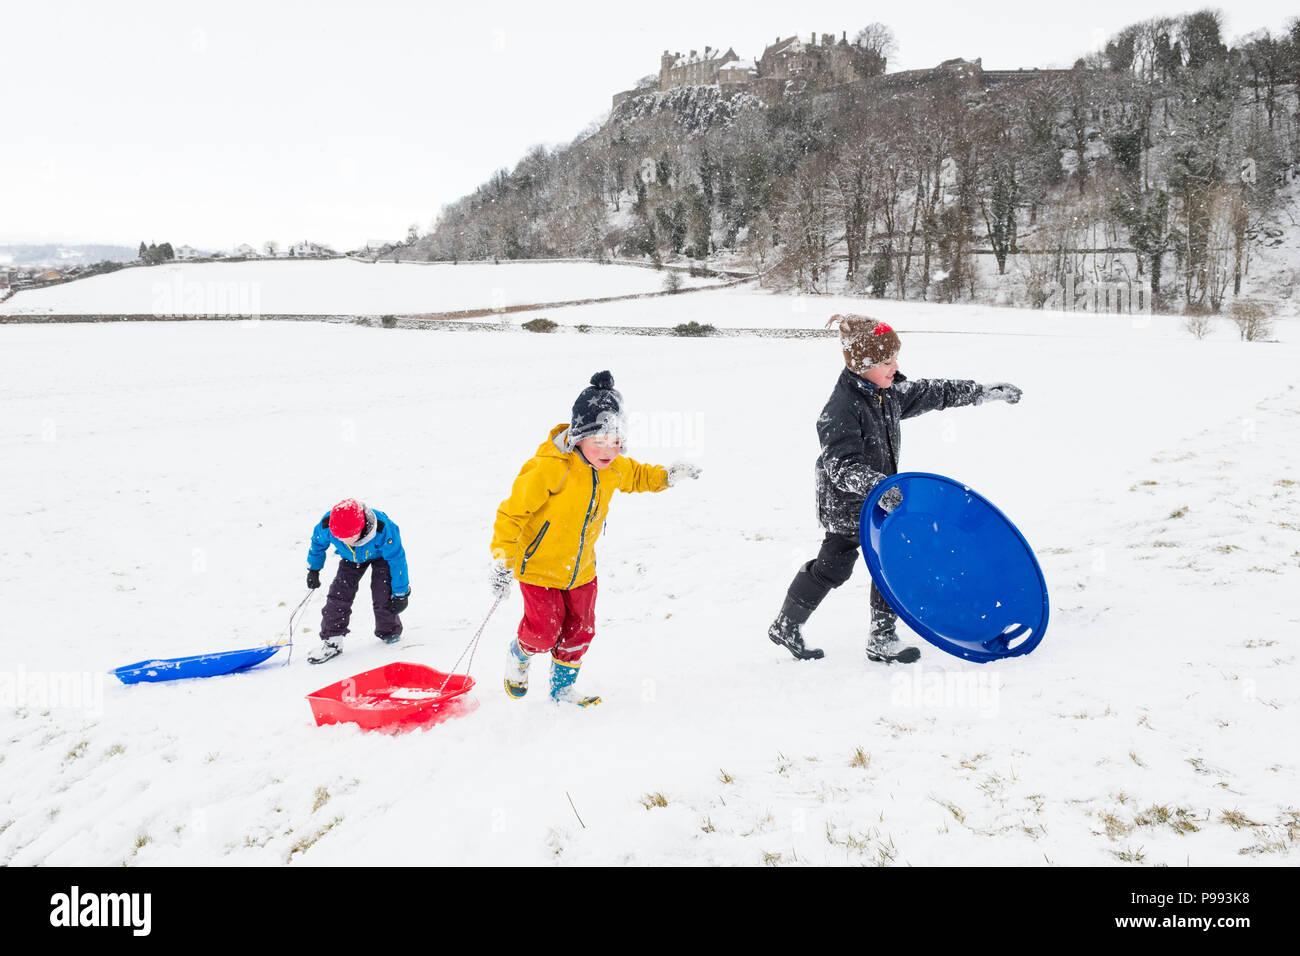 sledging below Stirling Castle, Scotland, UK - Stock Image